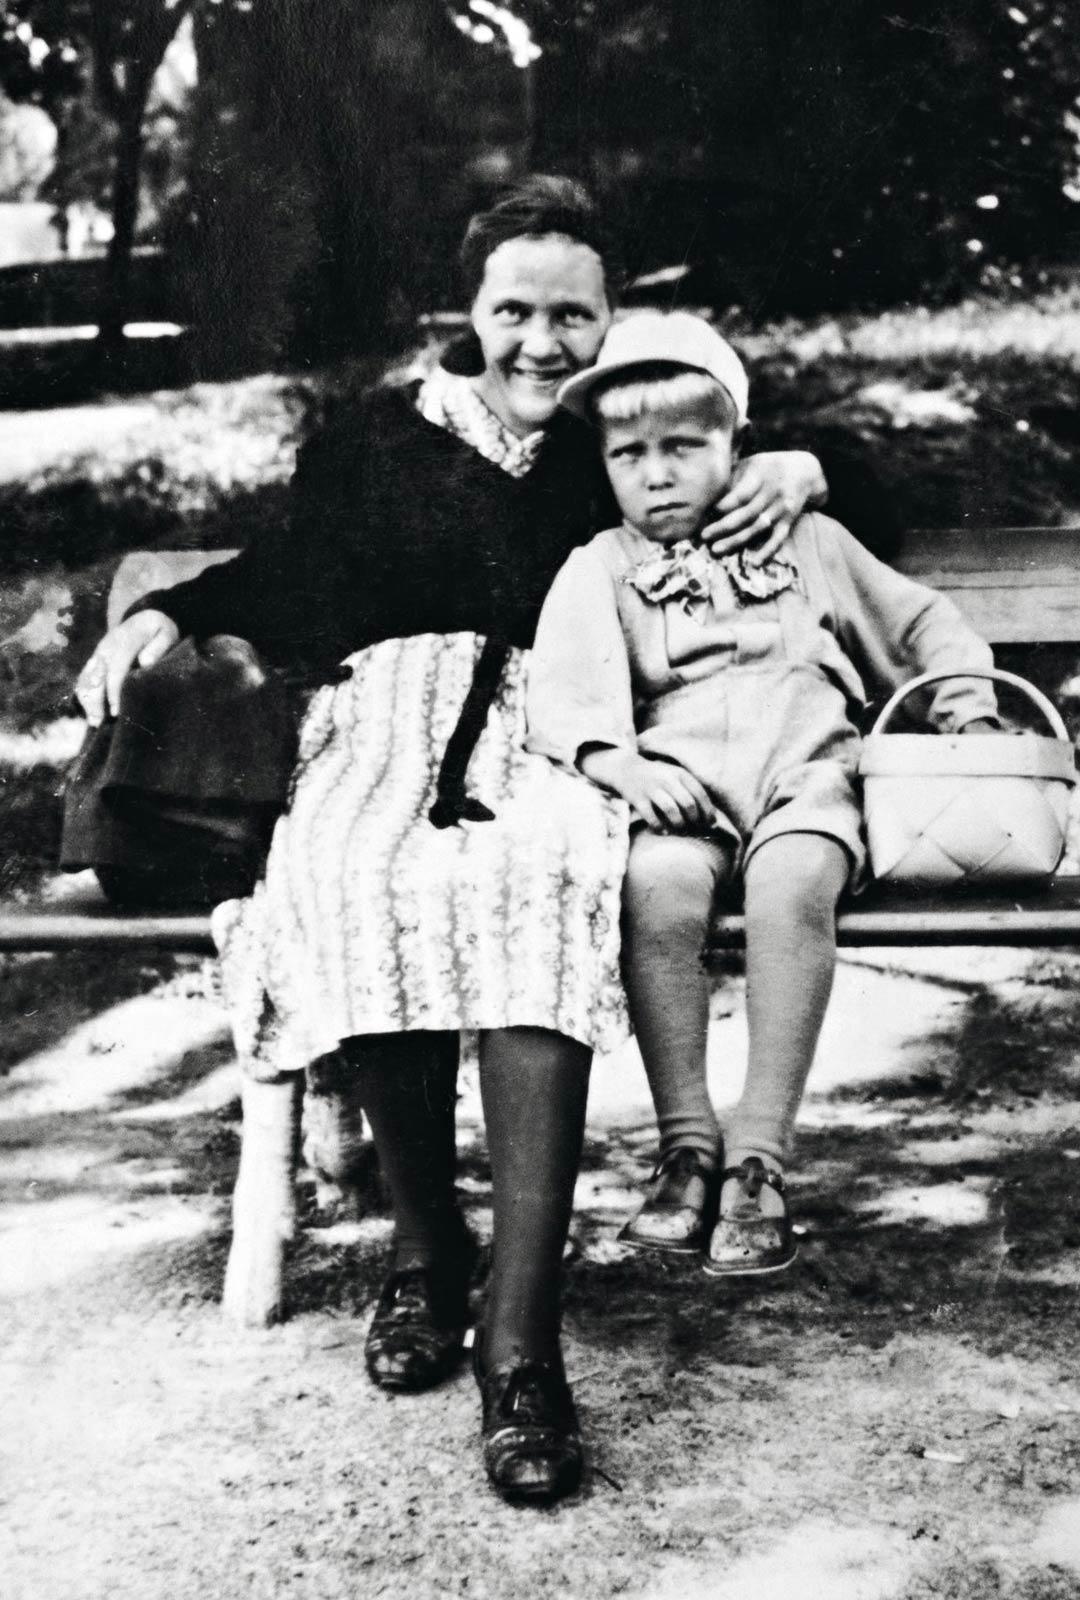 Äidistä ja Pentistä otettiin kuva sinä päivänä vuonna 1941, jolloin Pentille ostettiin matkalaukku Ruotsiin lähtöä varten.